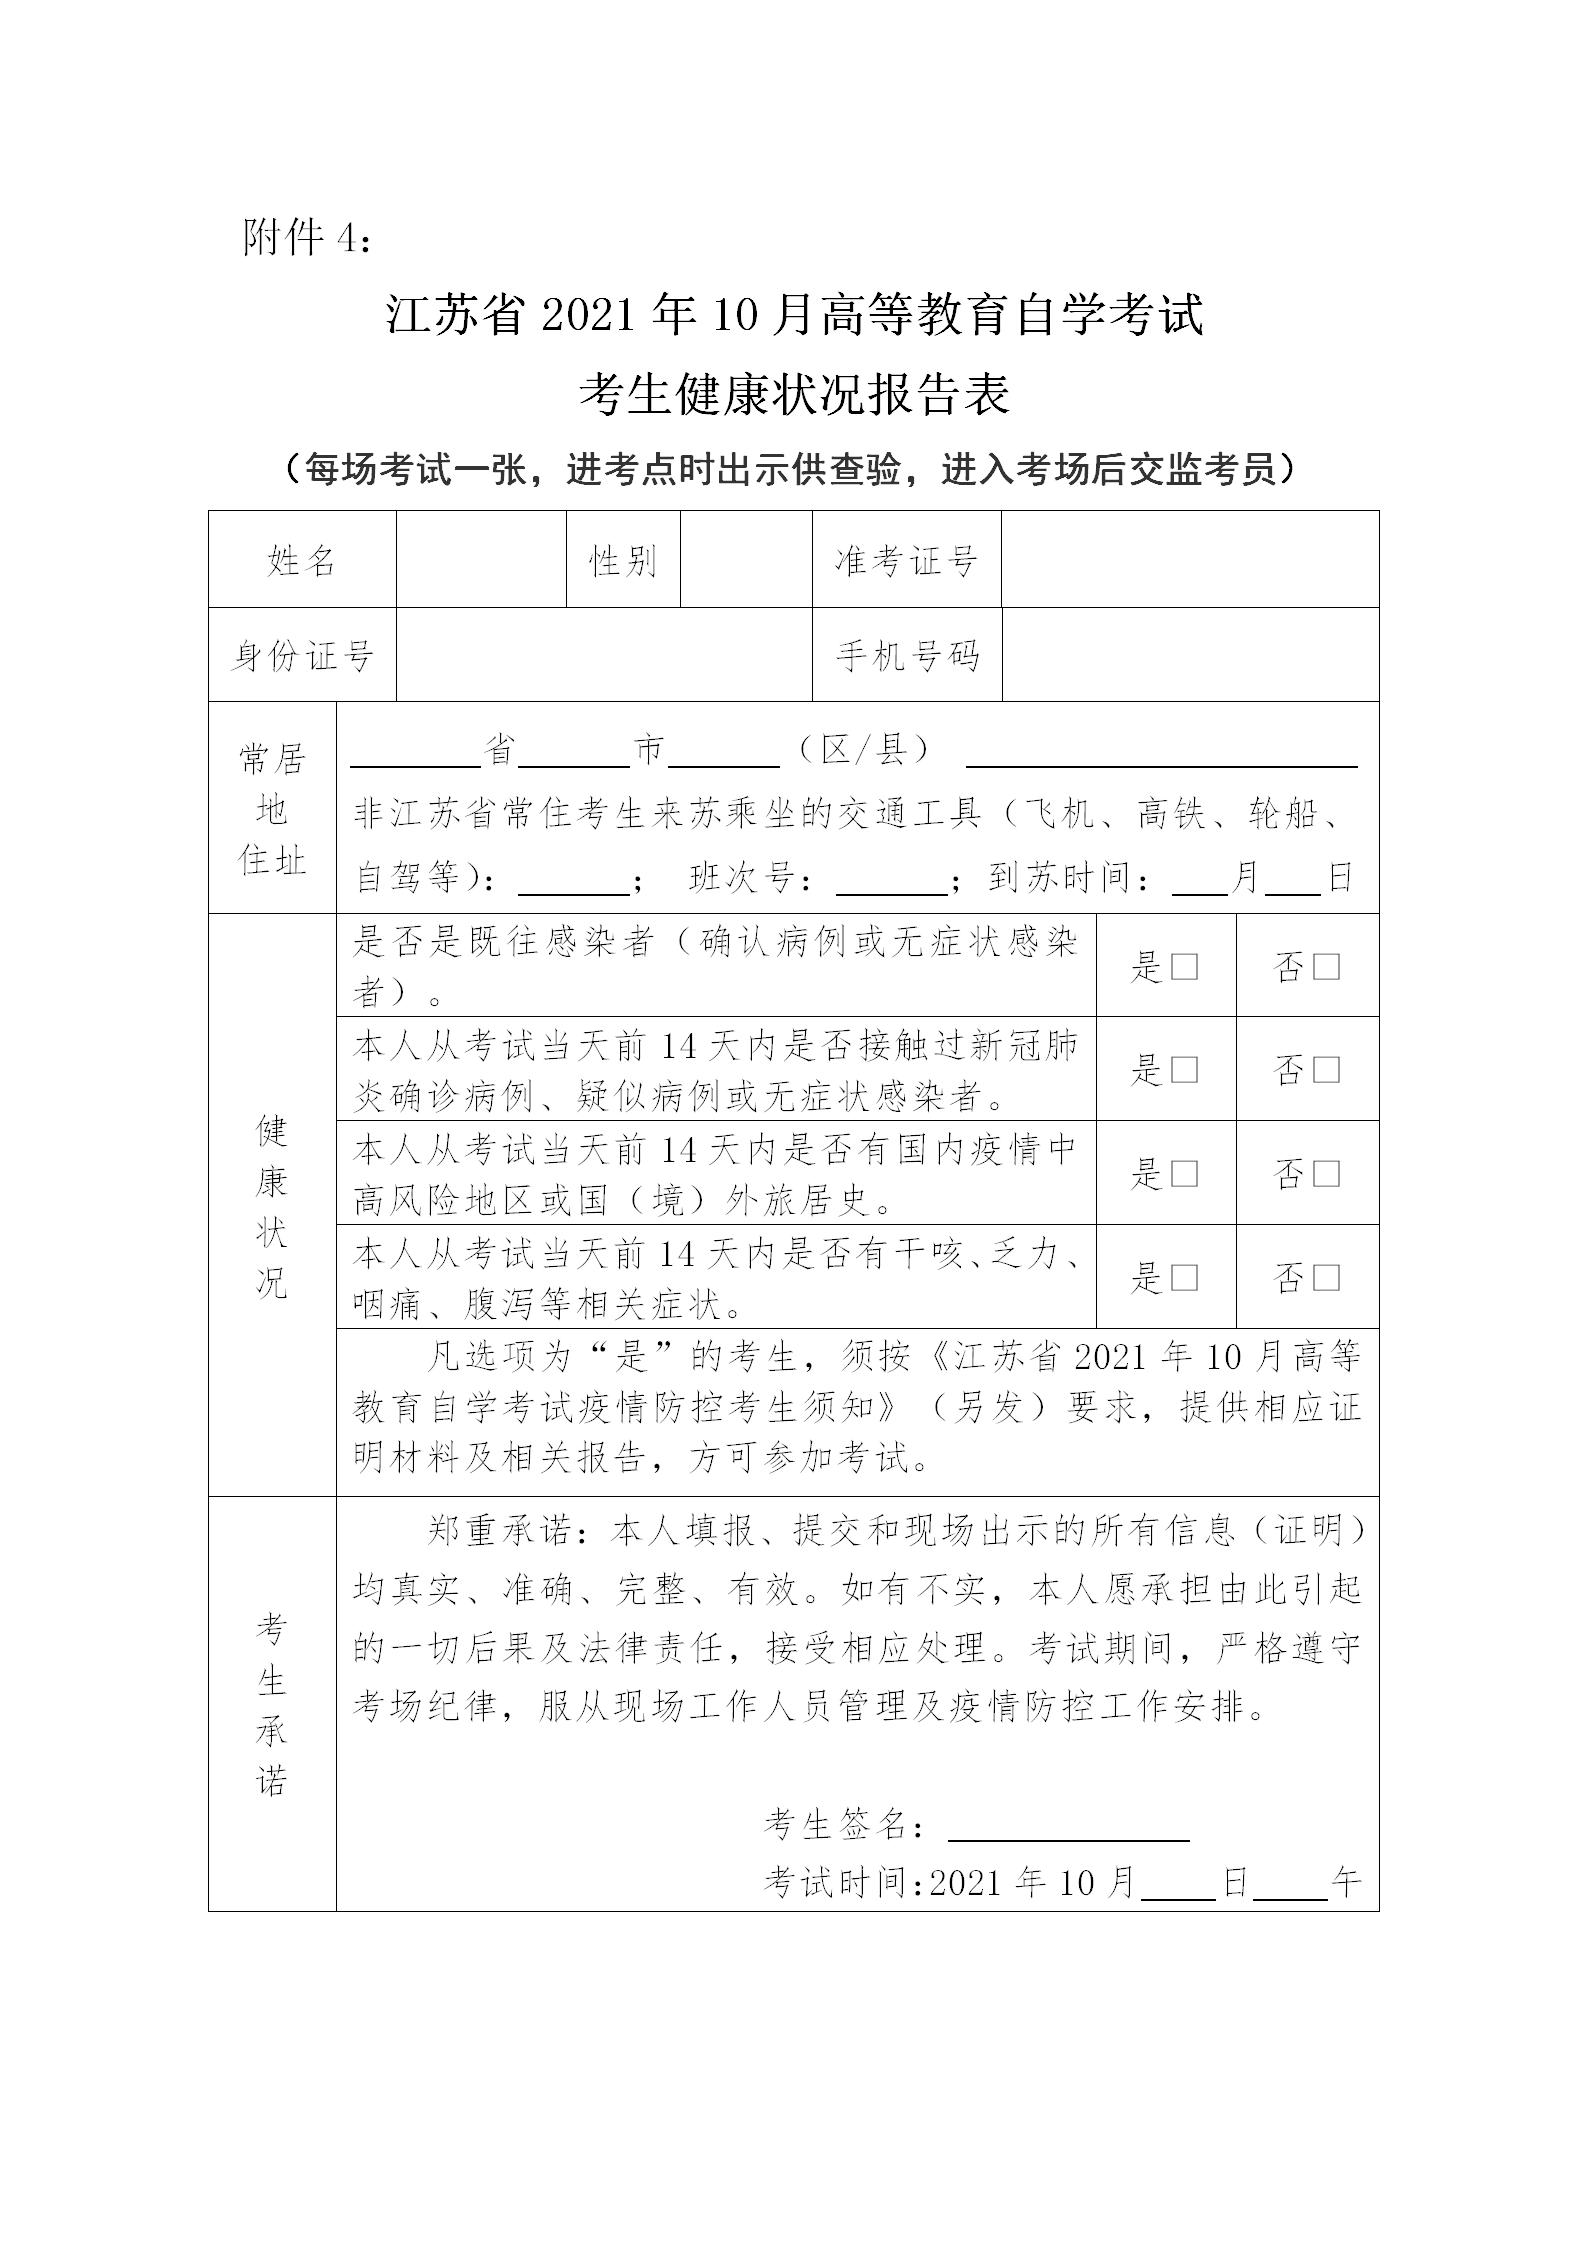 2021年10月江苏省自学考试健康状况报告表